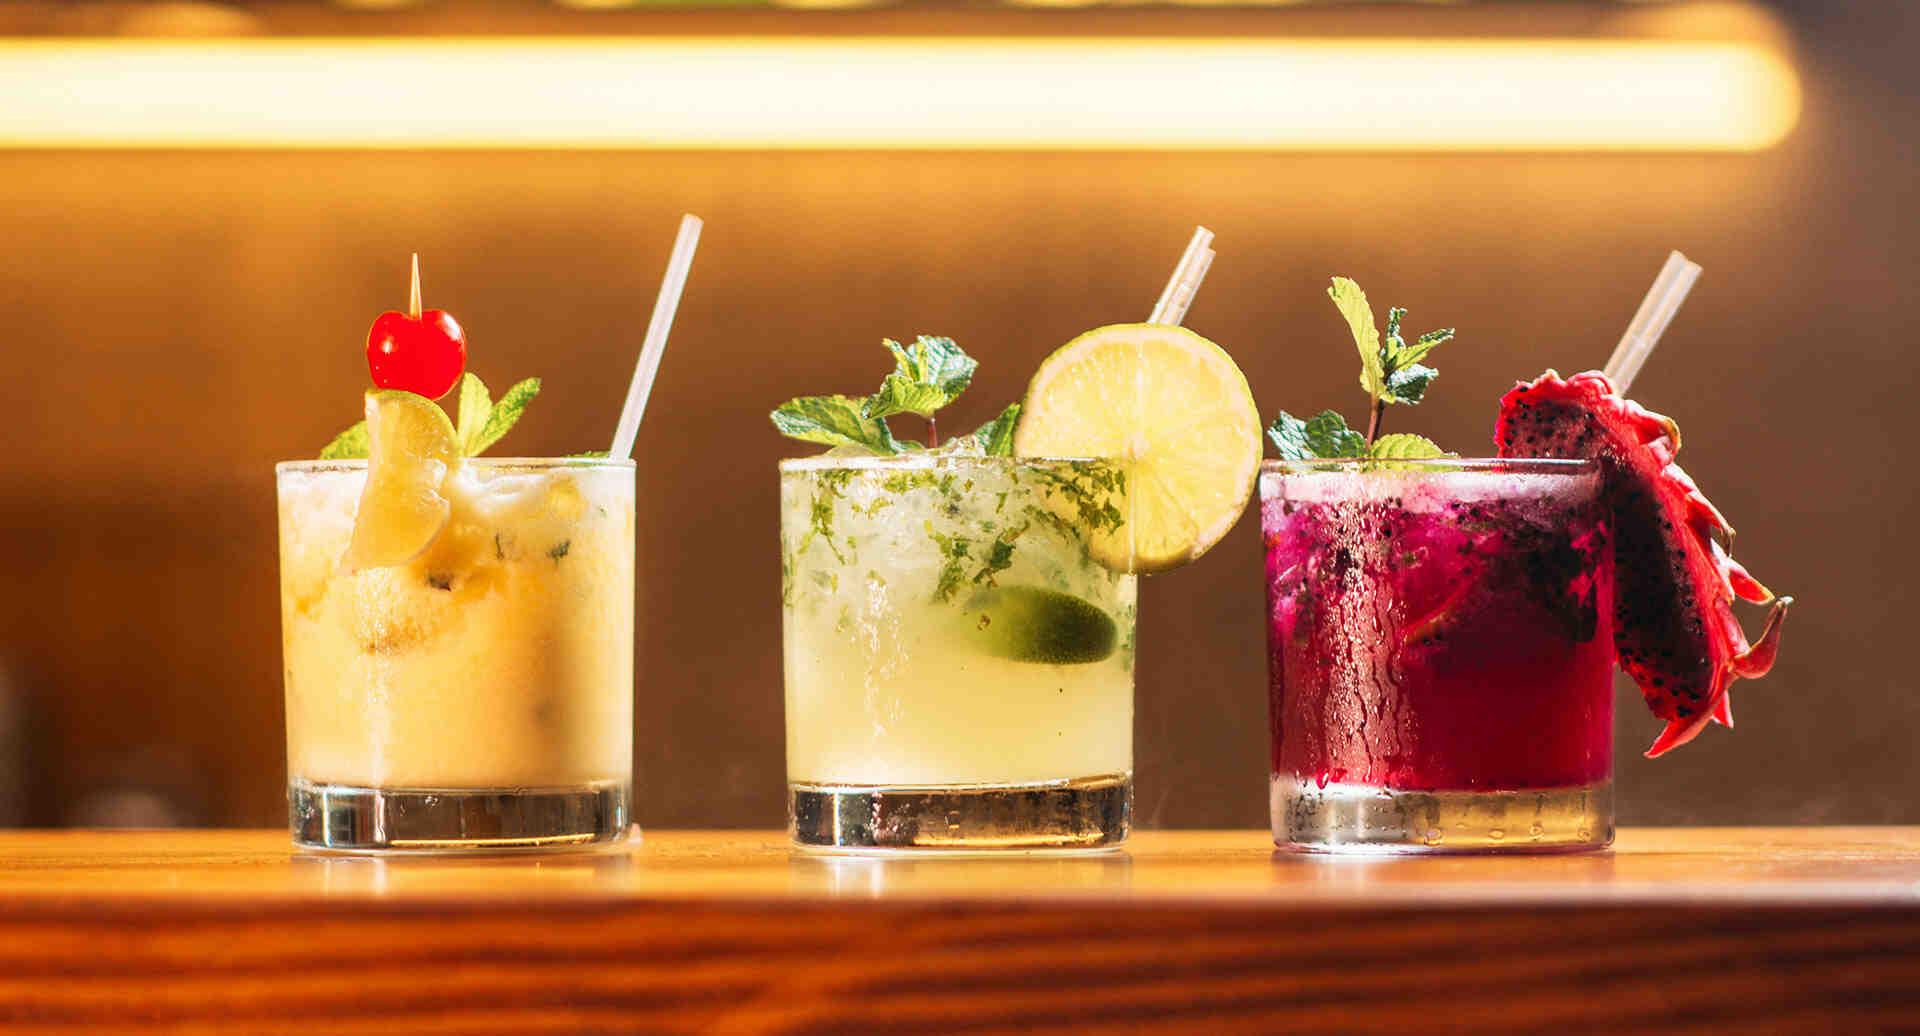 Quelles boissons y a-t-il au bar?